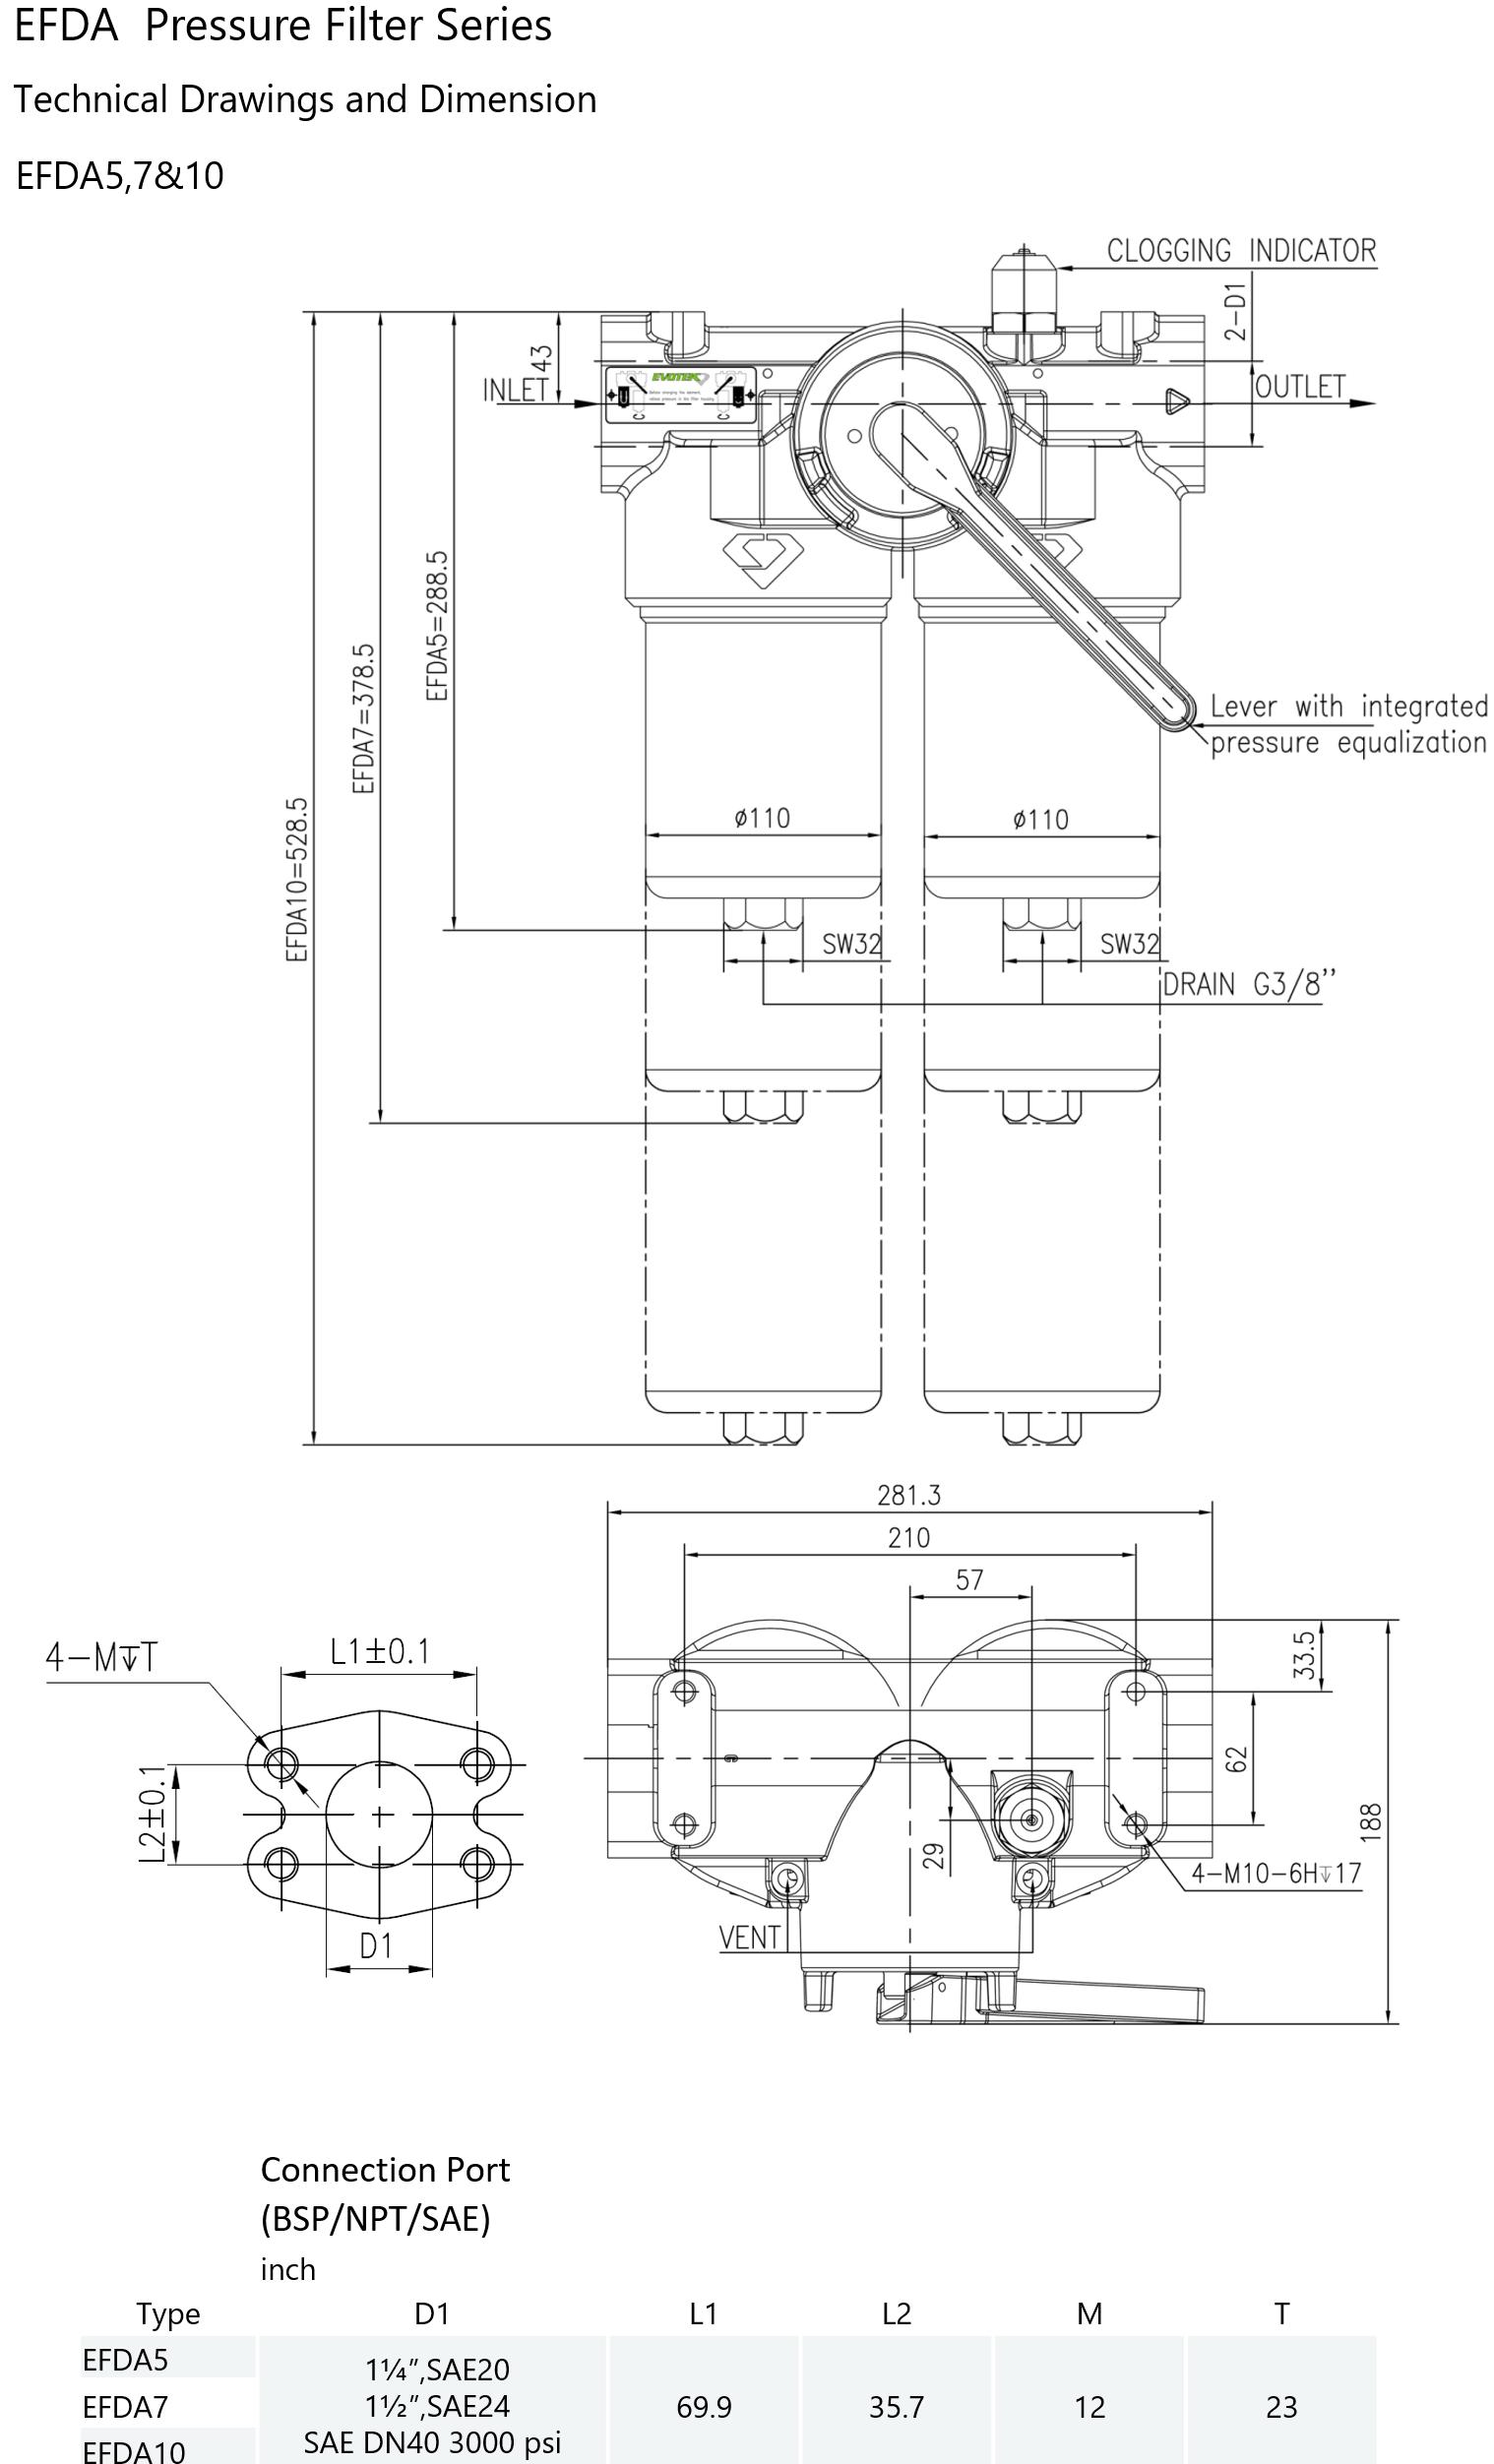 Evotek EFDA schematic drawing